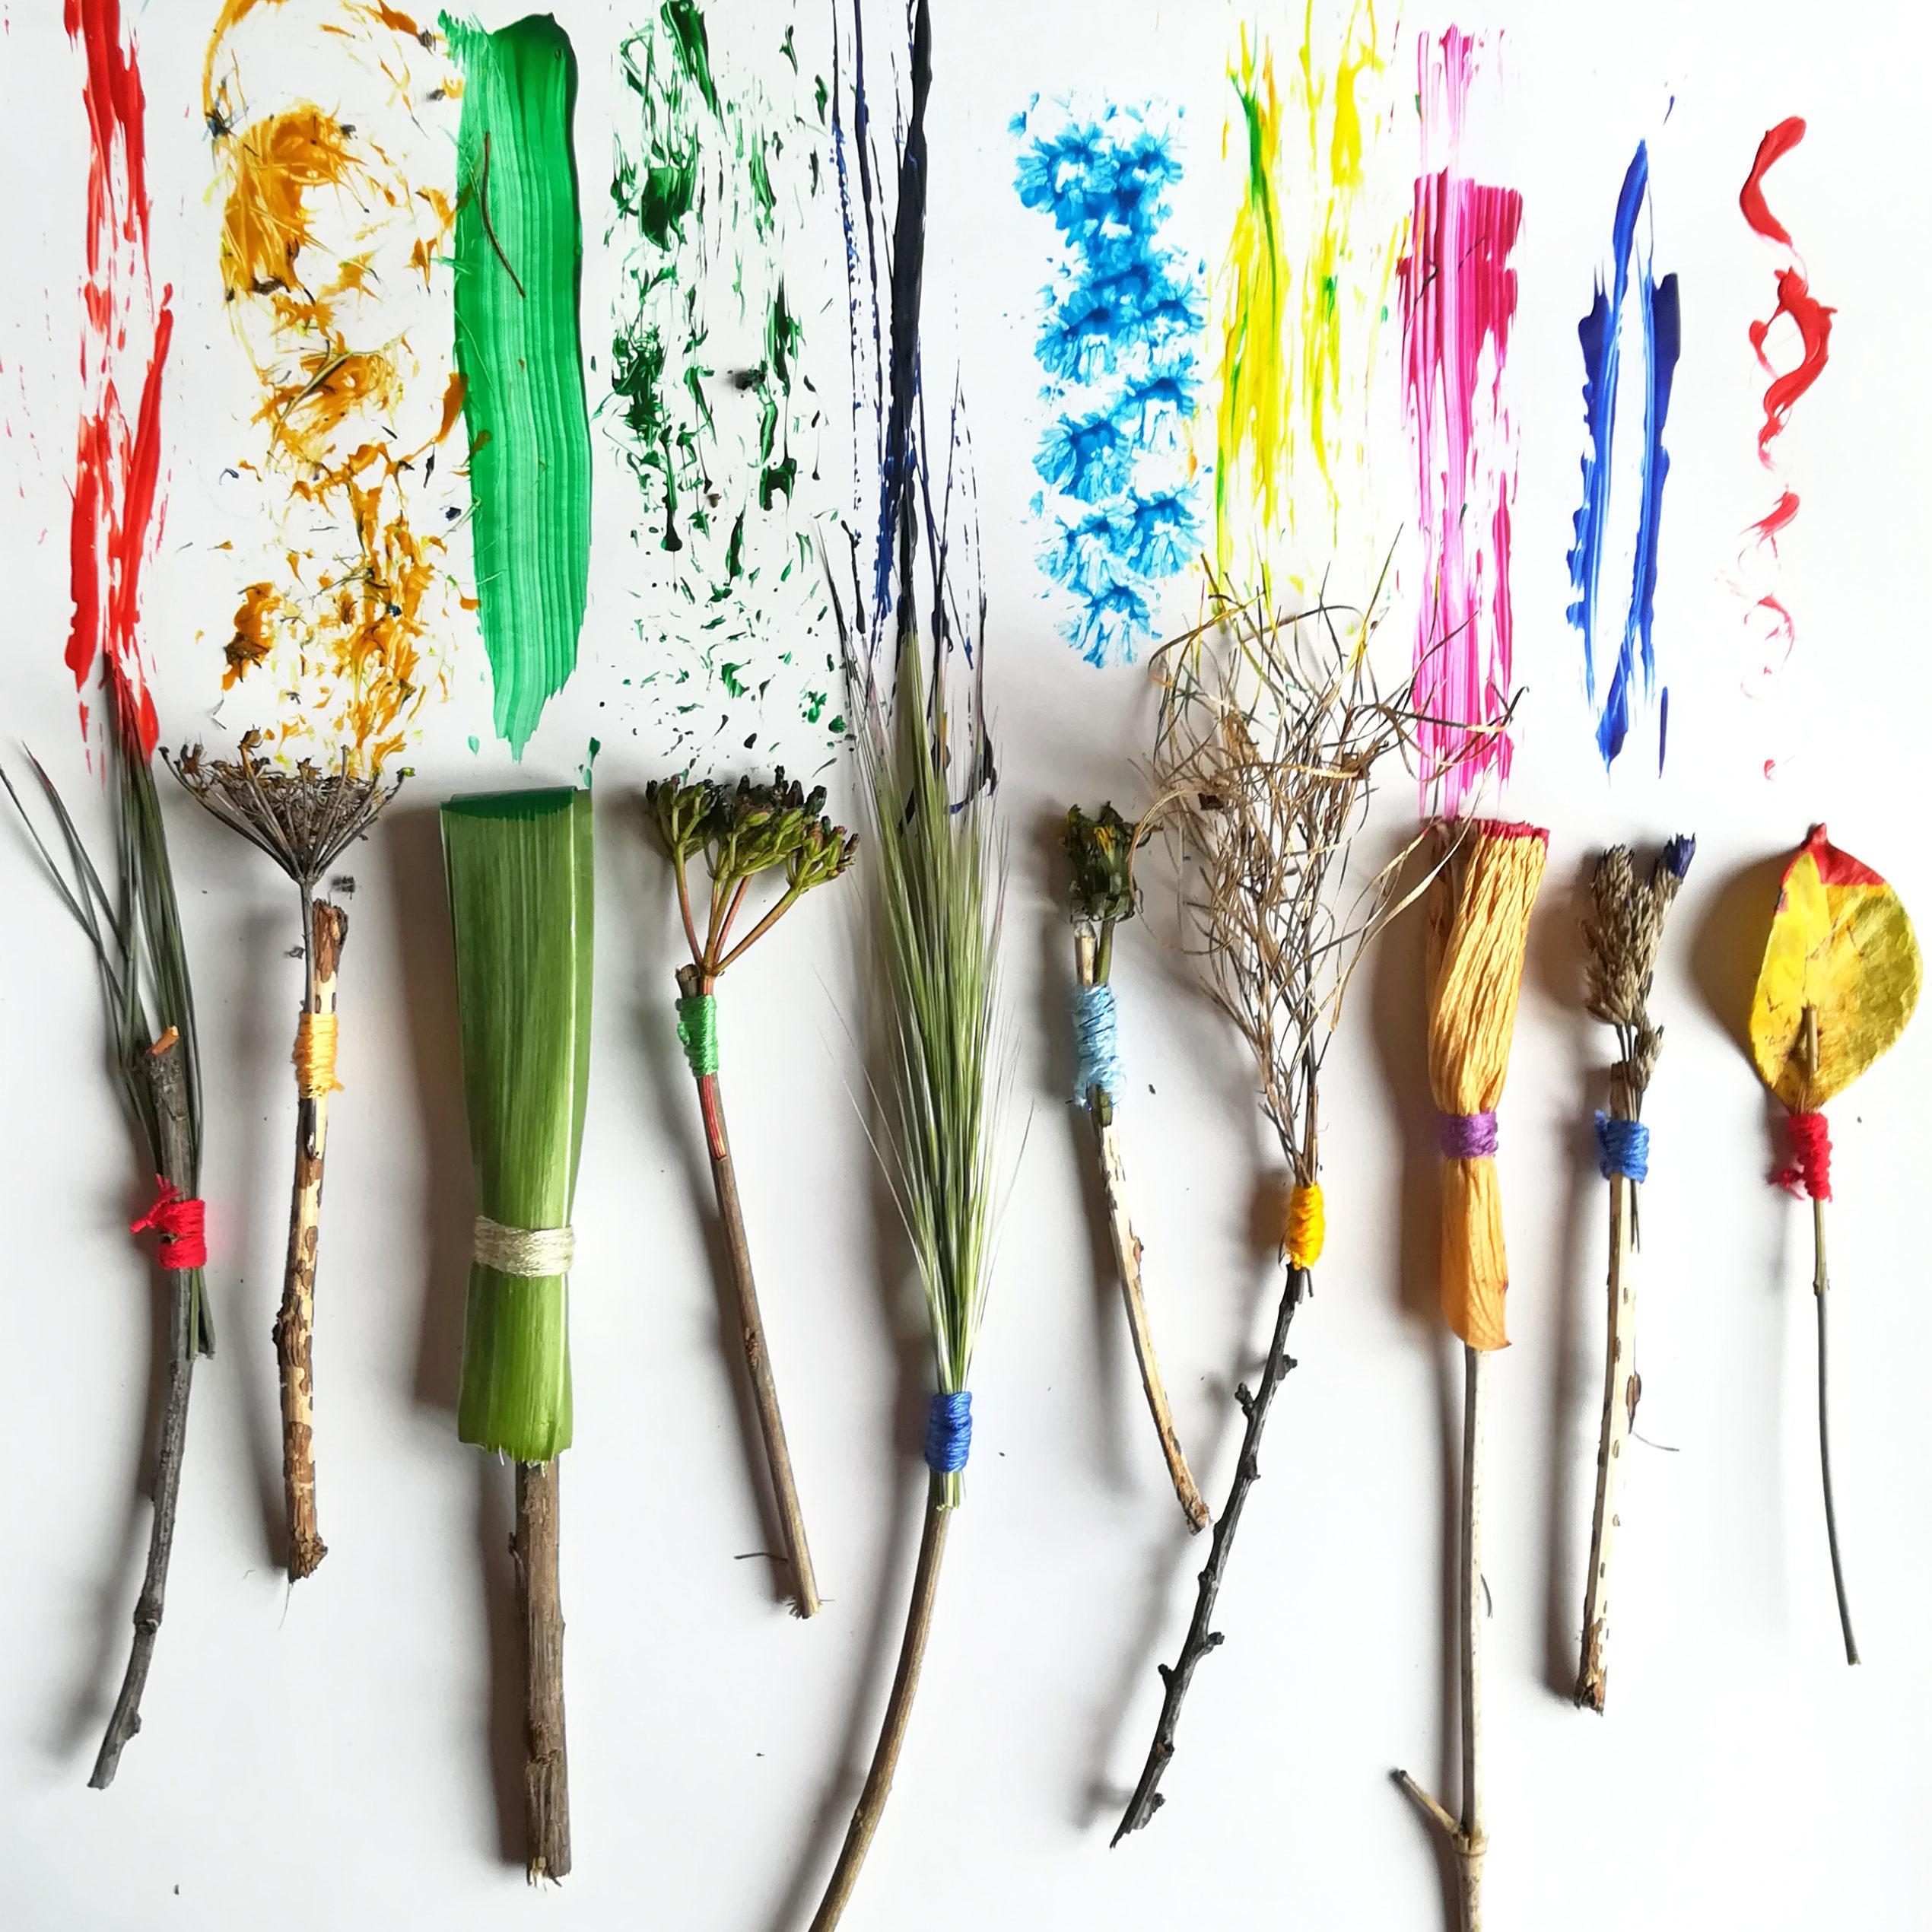 Tutoriel fabriquer pinceaux avec fleurs feuillles branches